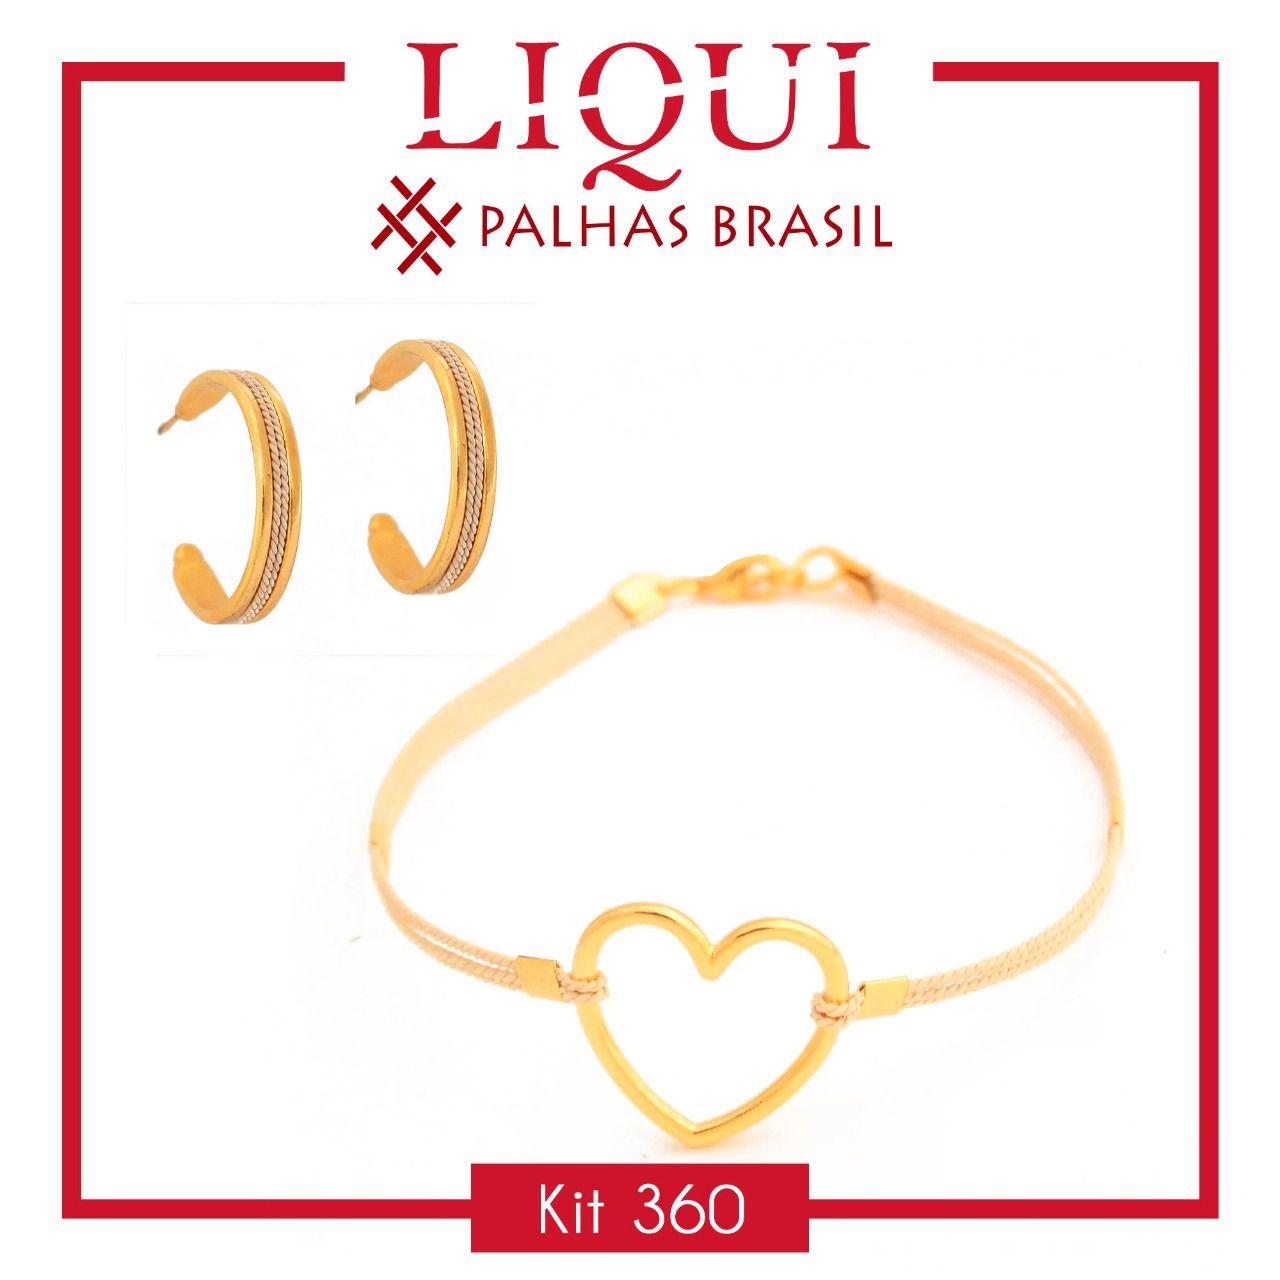 KIT360 - KIT PROMOCIONAL EM PALHA DE BURITI